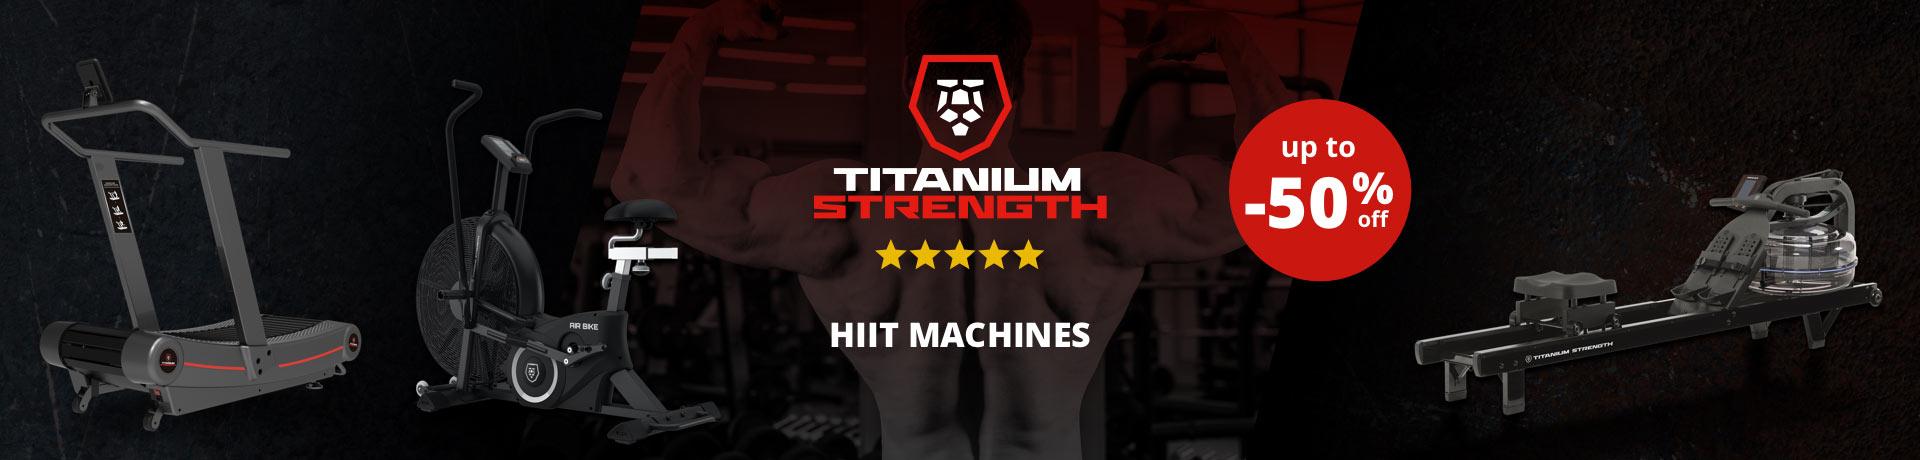 Titanium Strength